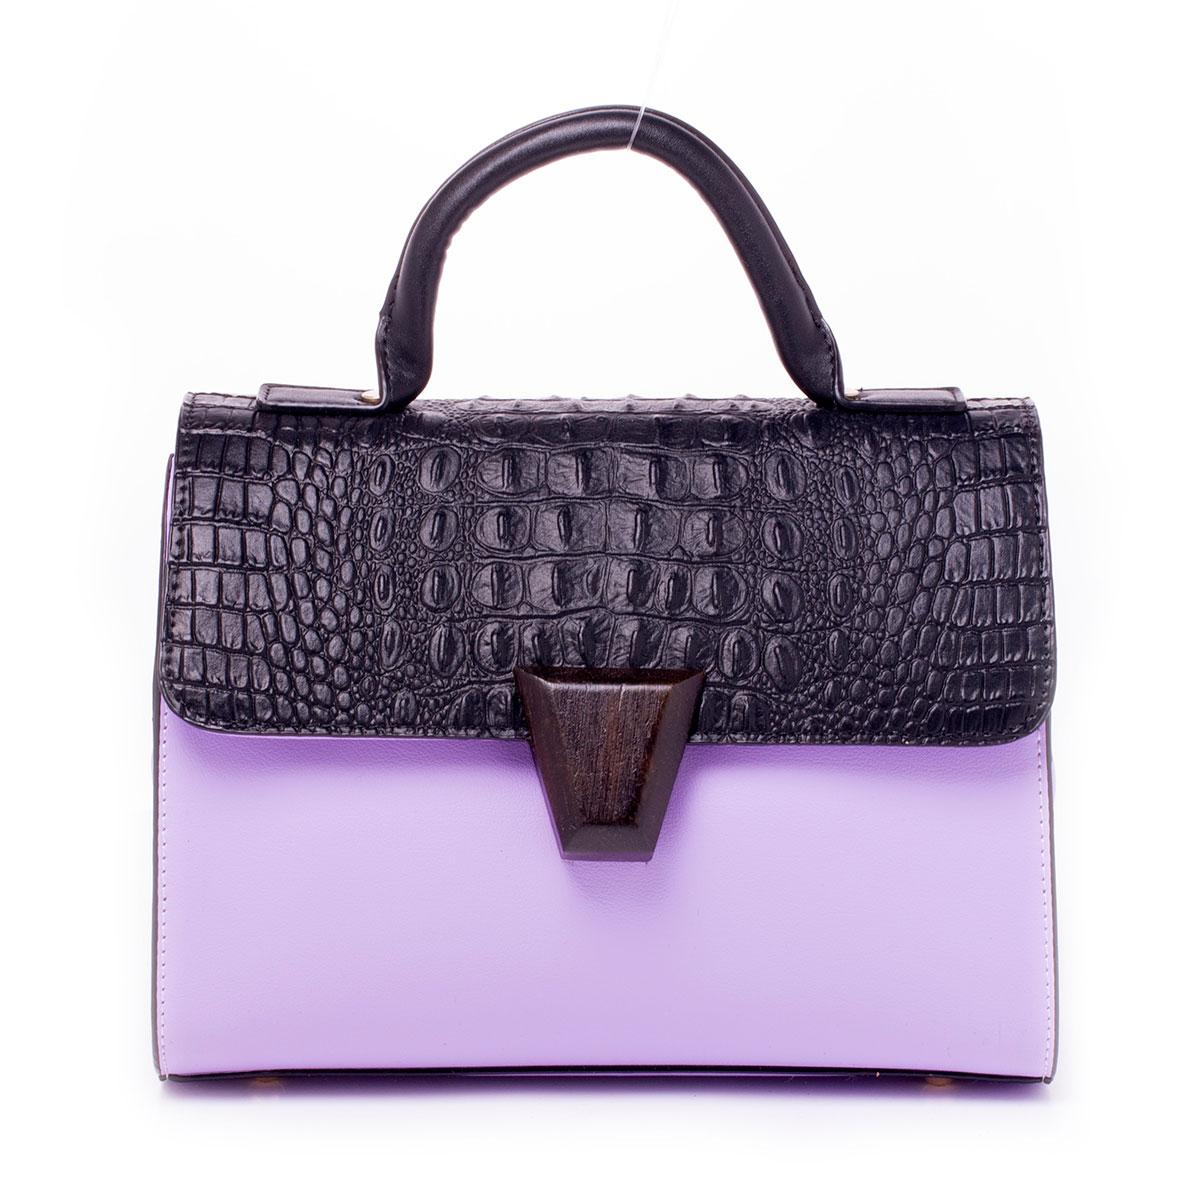 Сумка женская Guanwang, цвет: фиолетовый, черный. 650136-1/45/10650136-1/45/10Сумка жен., иск. кожа